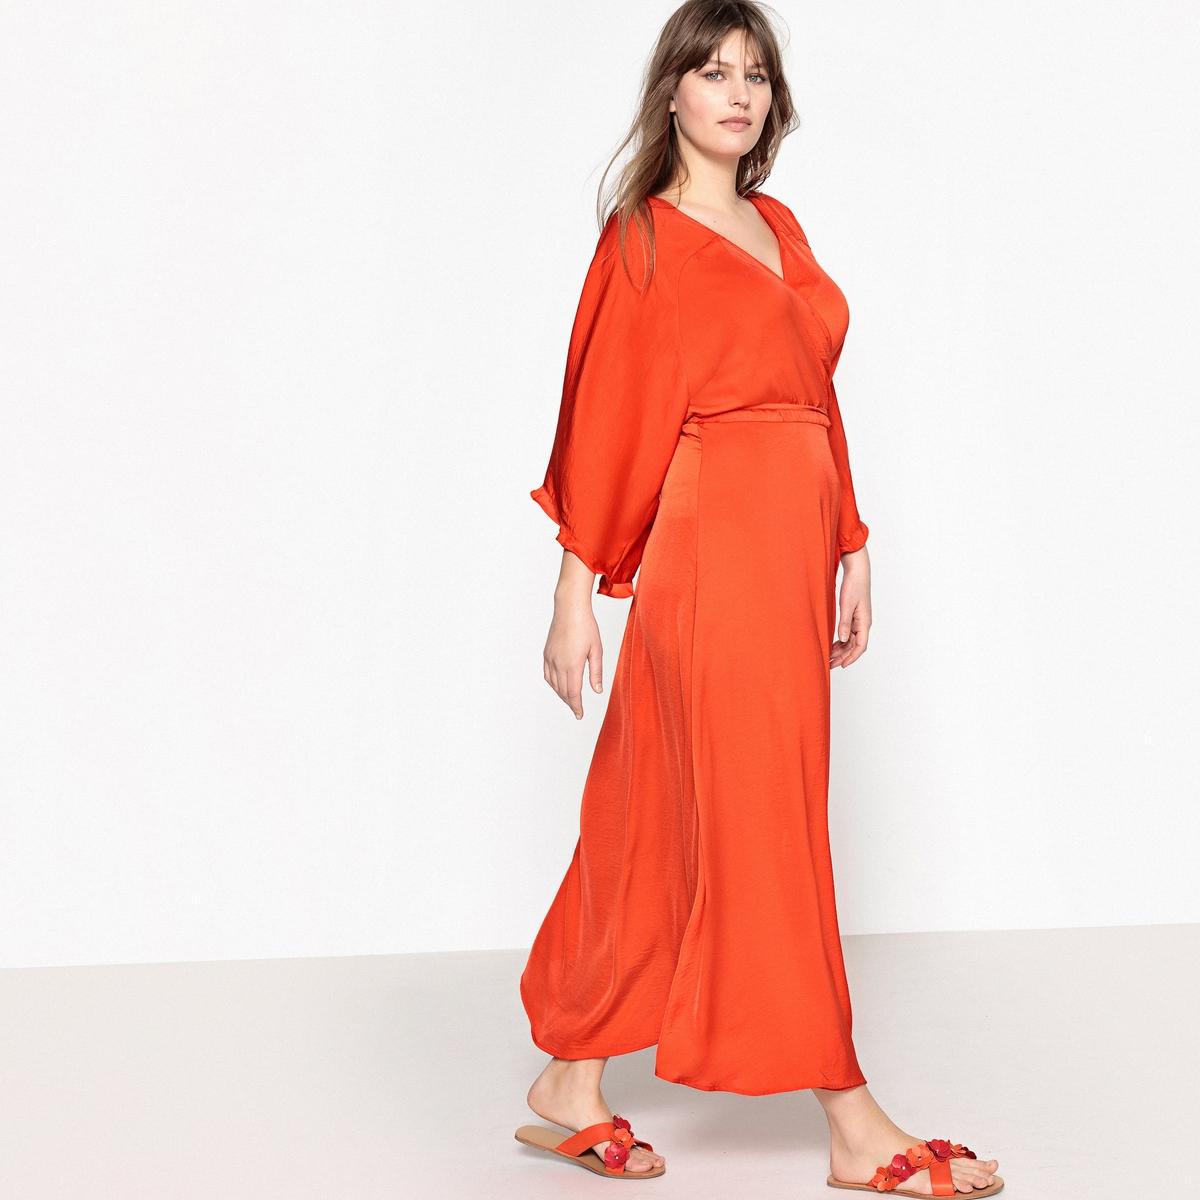 купить Платье длинное расклешенное в форме каш-кер с короткими рукавами по цене 3569.3 рублей